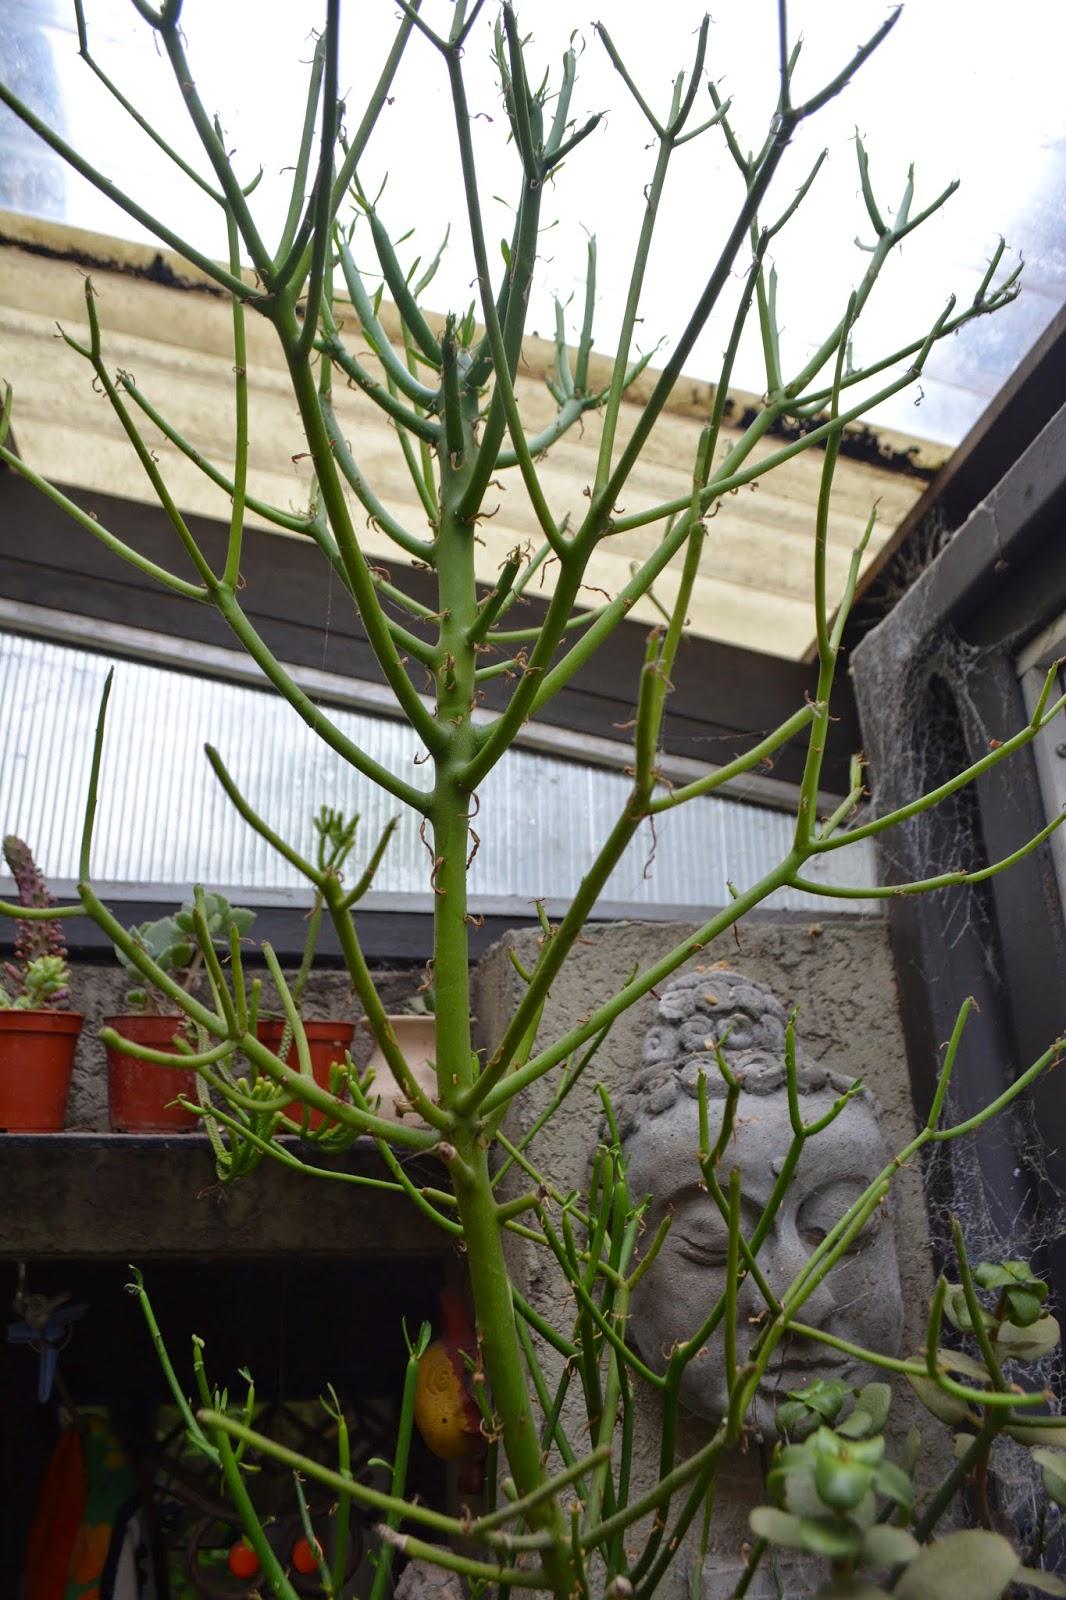 Crasas, formas extrañas: Euphorbia Tirucalli. Tóxica